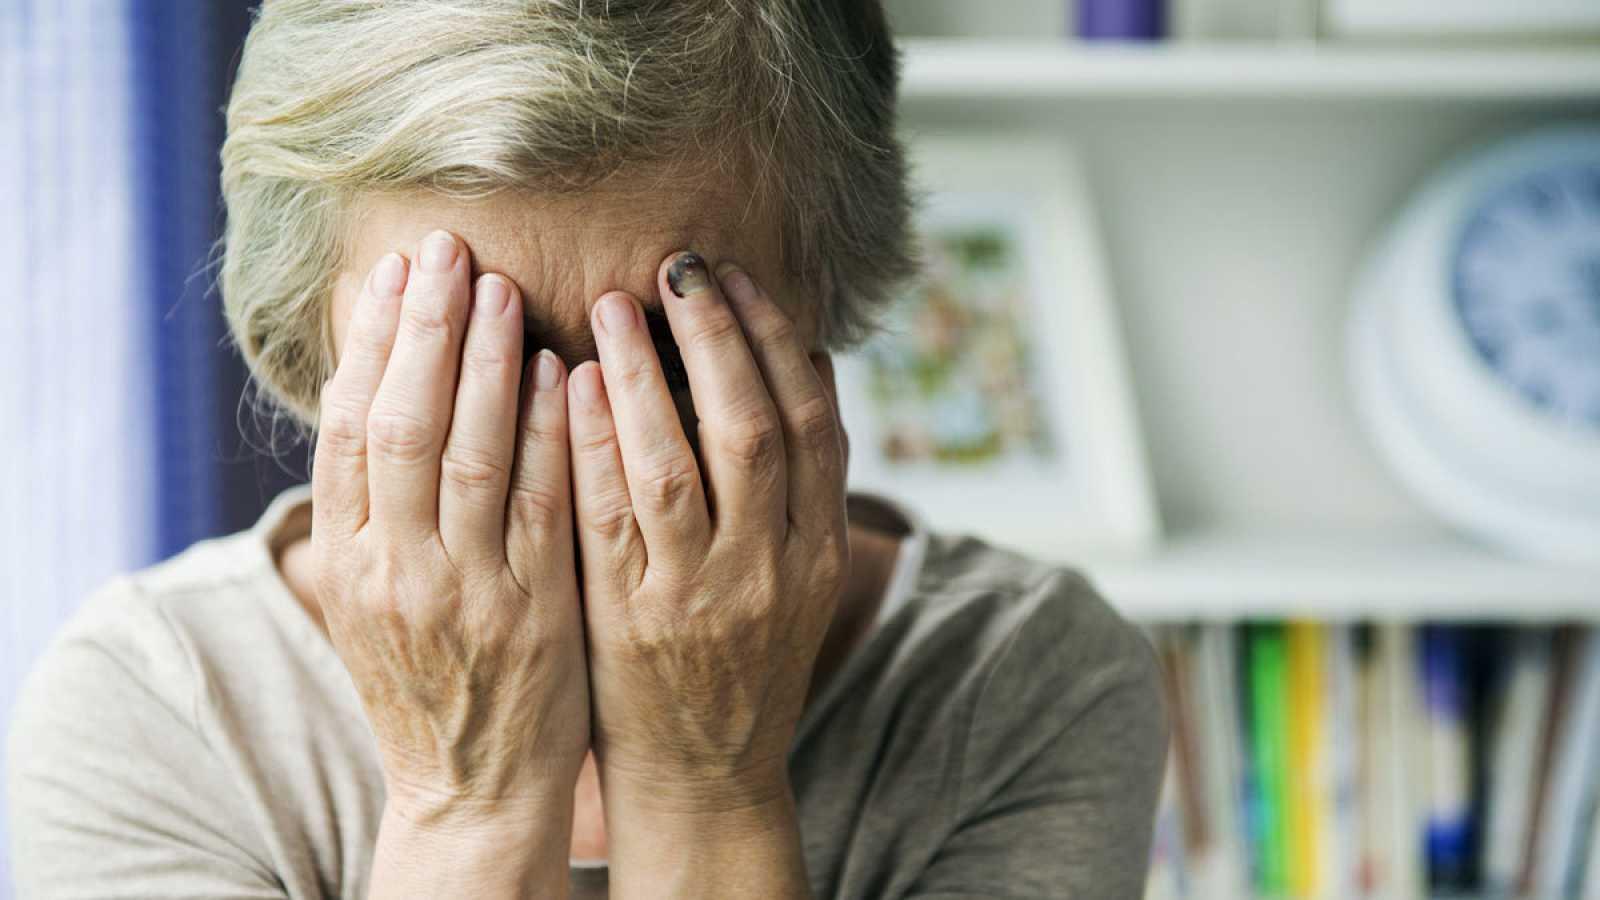 La Delegación del Gobierno para la Violencia de Género ha publicado el estudio Mujeres mayores de 65 años víctimas de violencia de género'